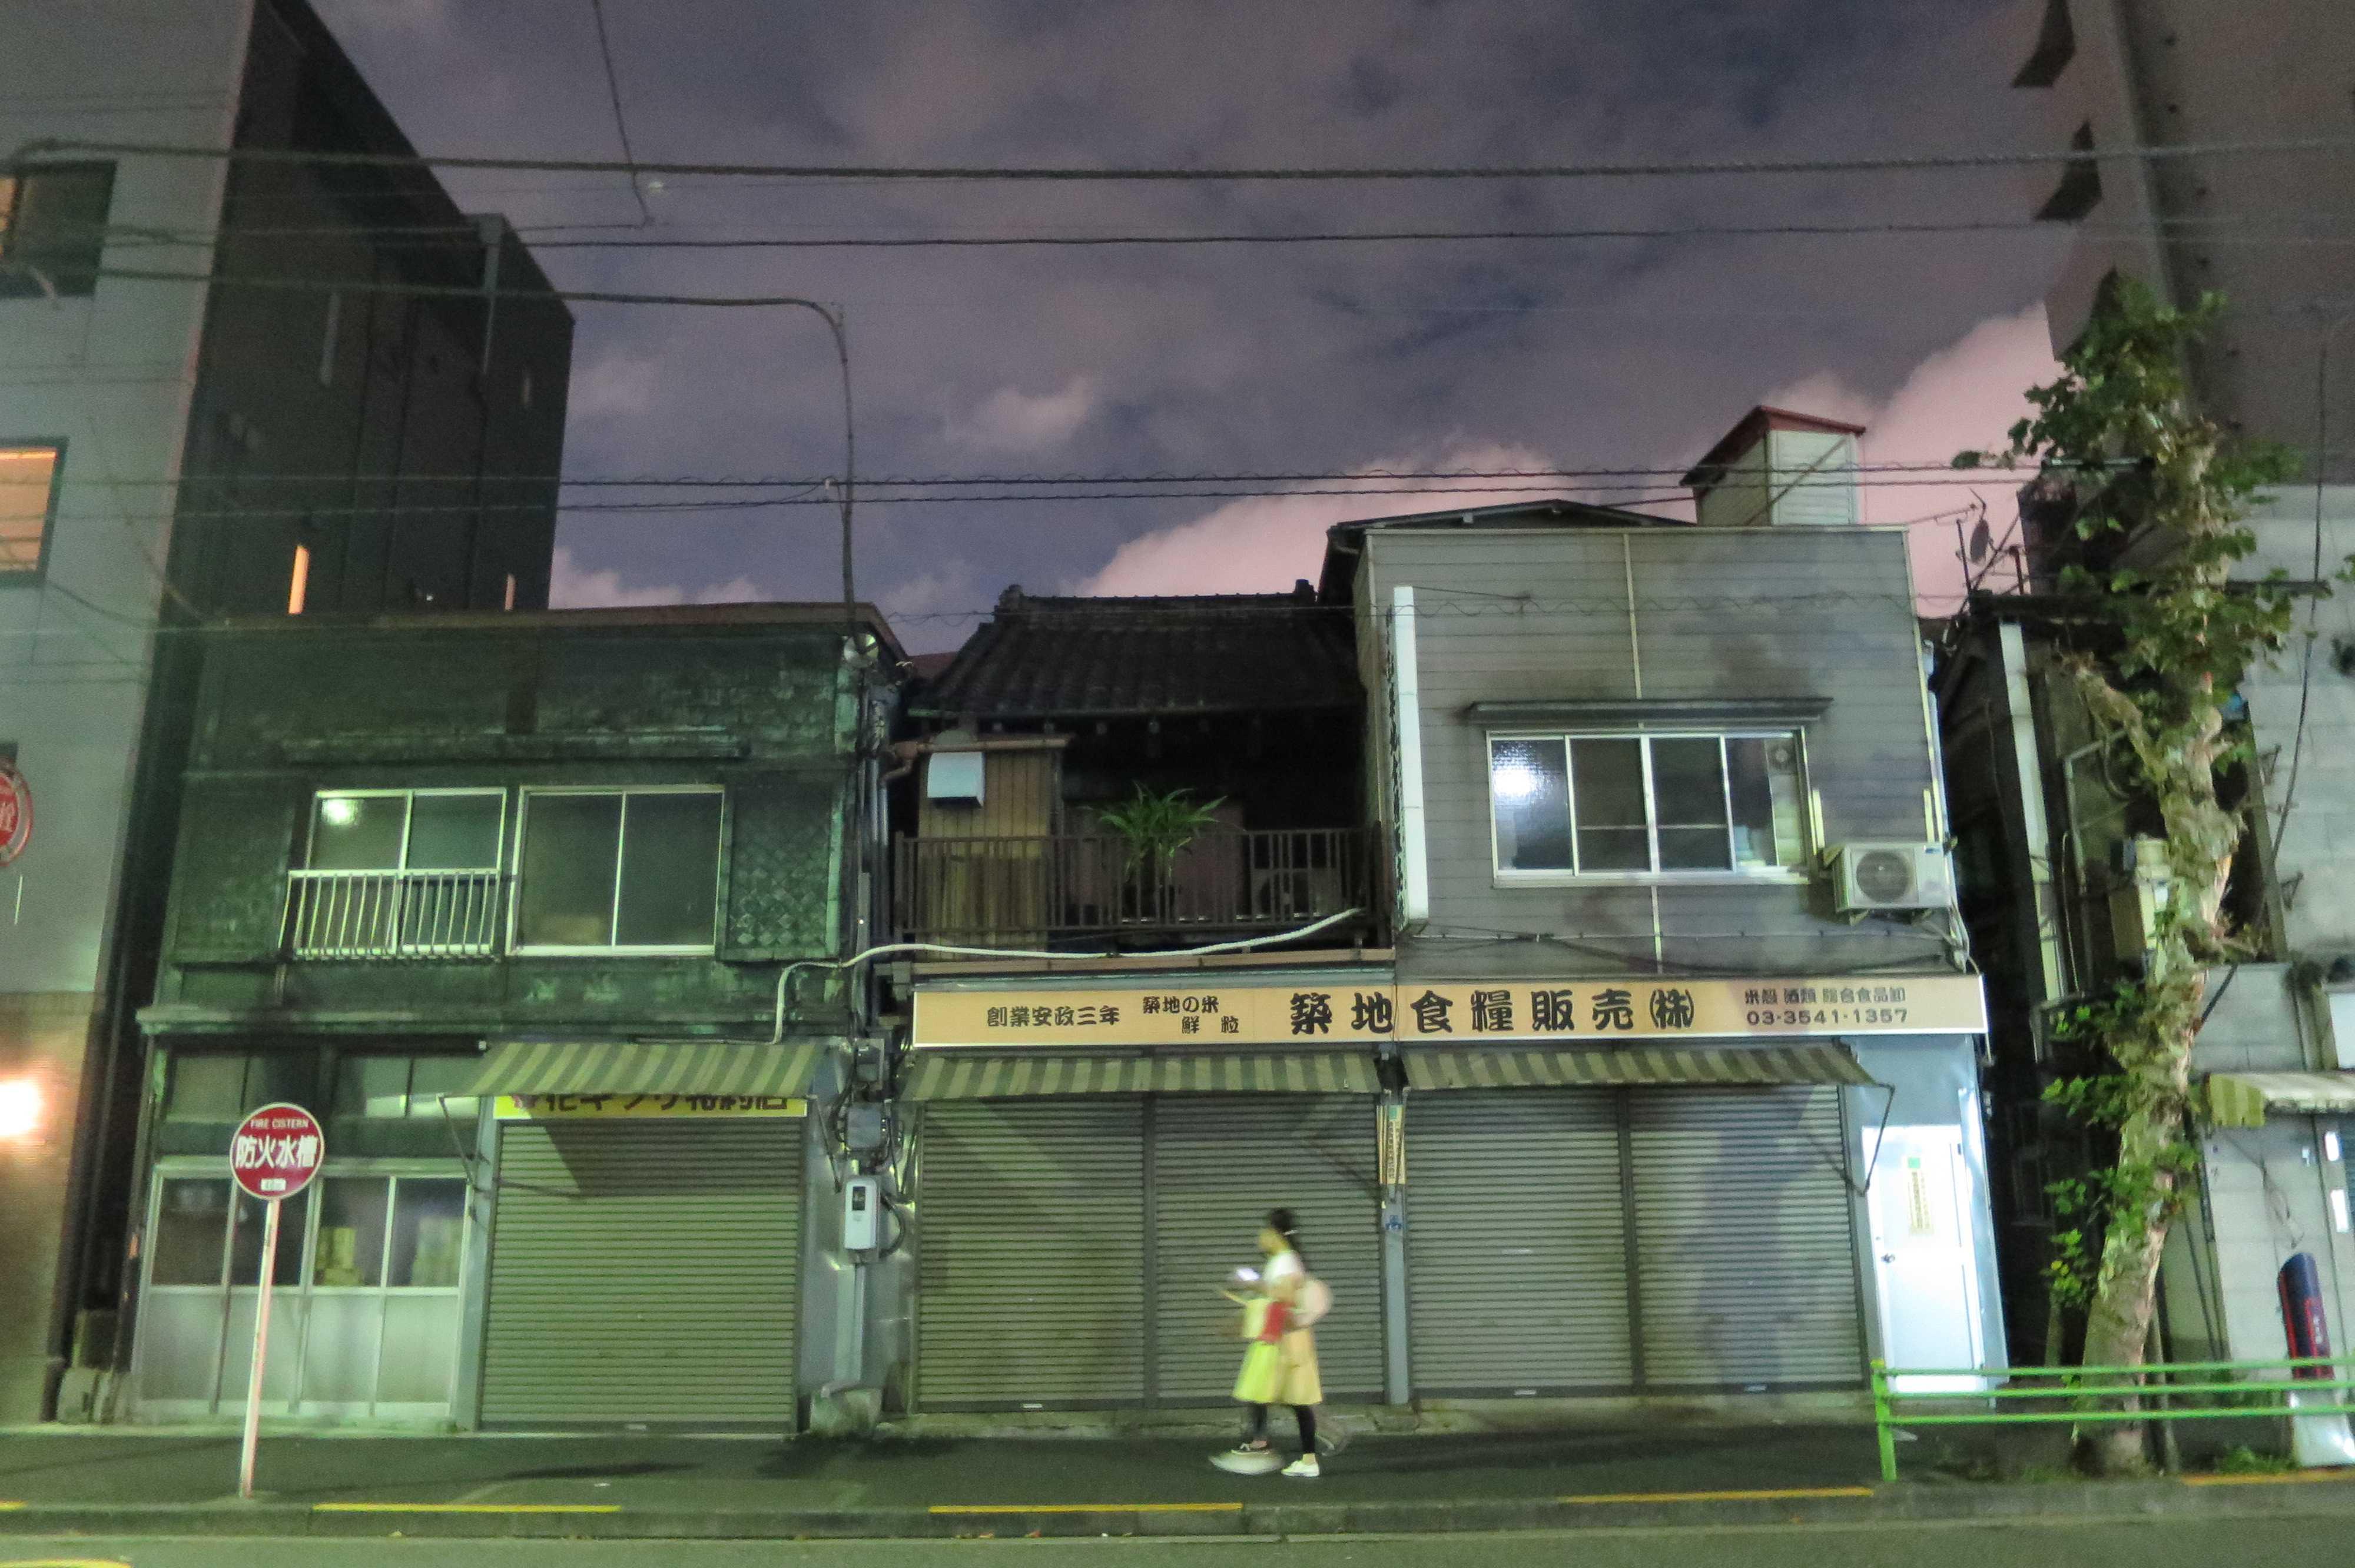 築地エリア - 2軒並びの長屋形式の銅板貼り看板建築(築地食料販売)